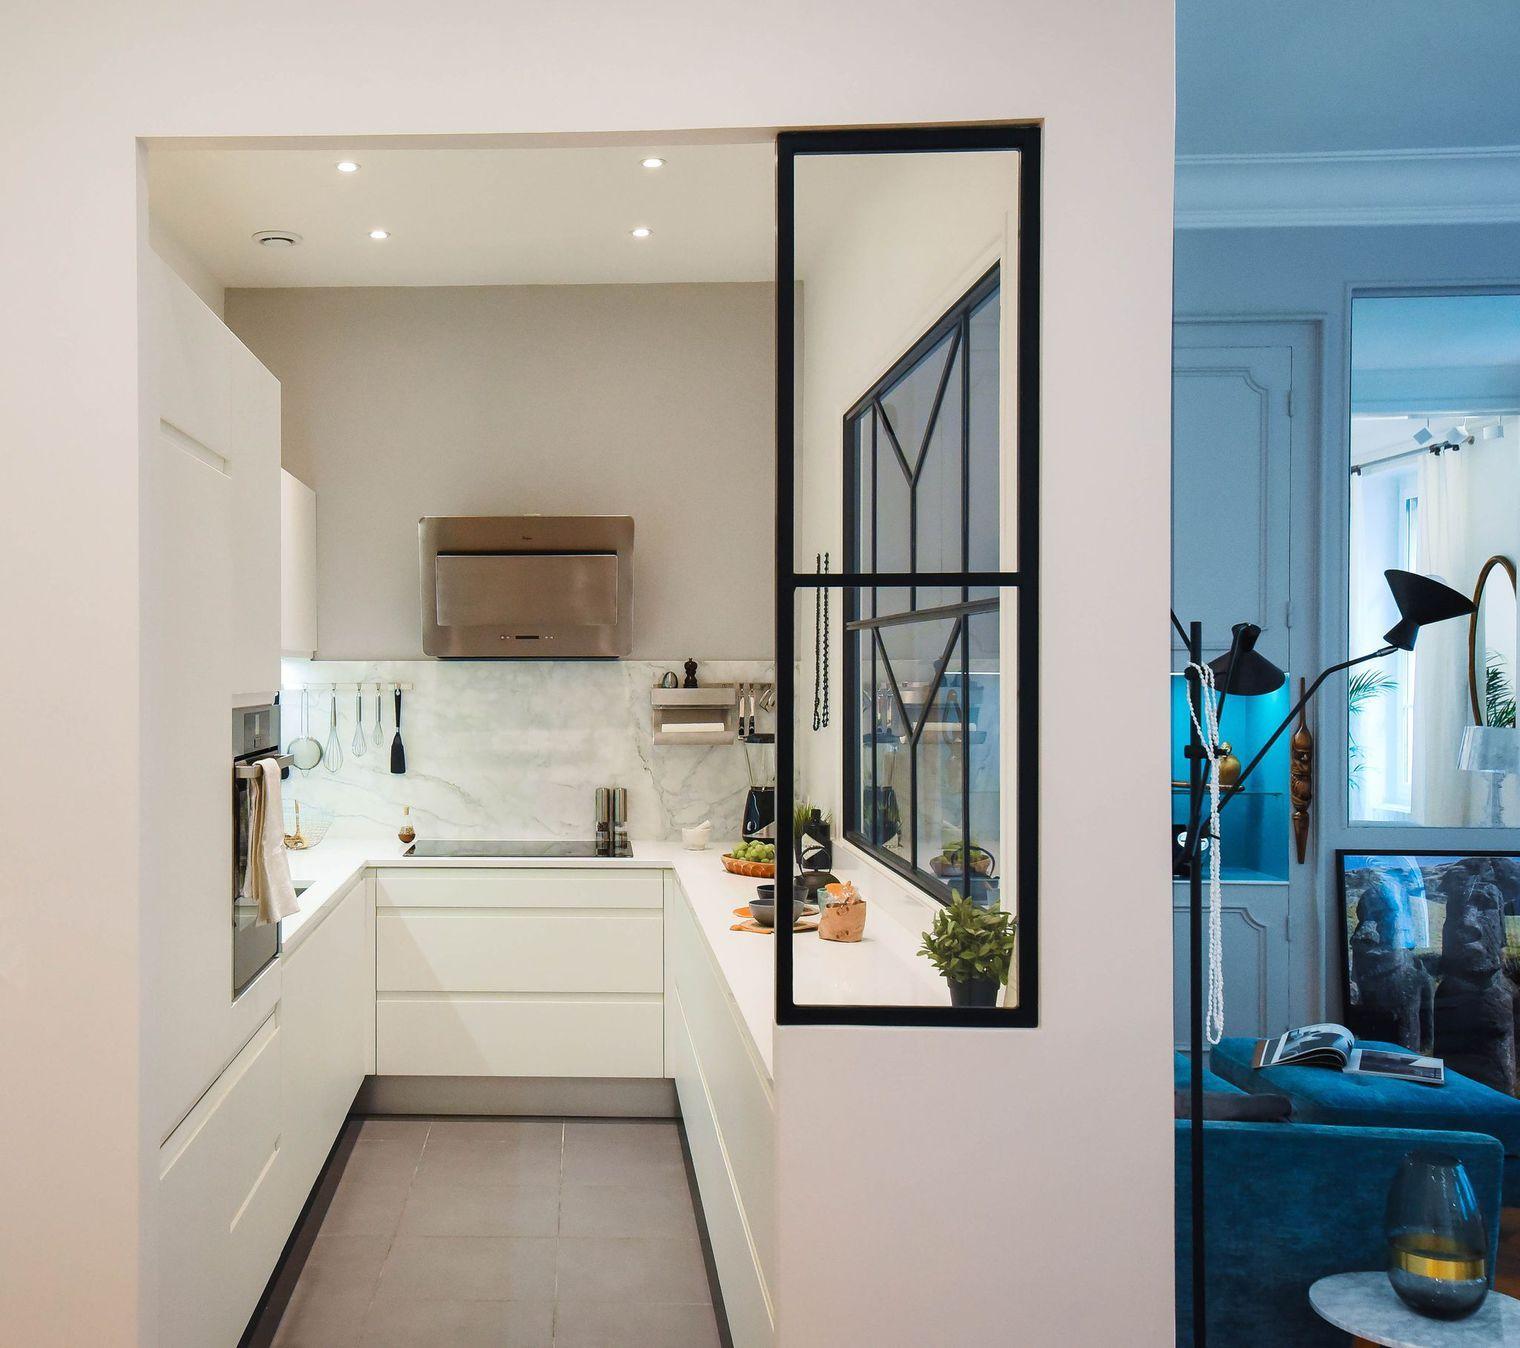 Appartement Lyon : un haussmannien de 115 m2 qui invite au voyage ...